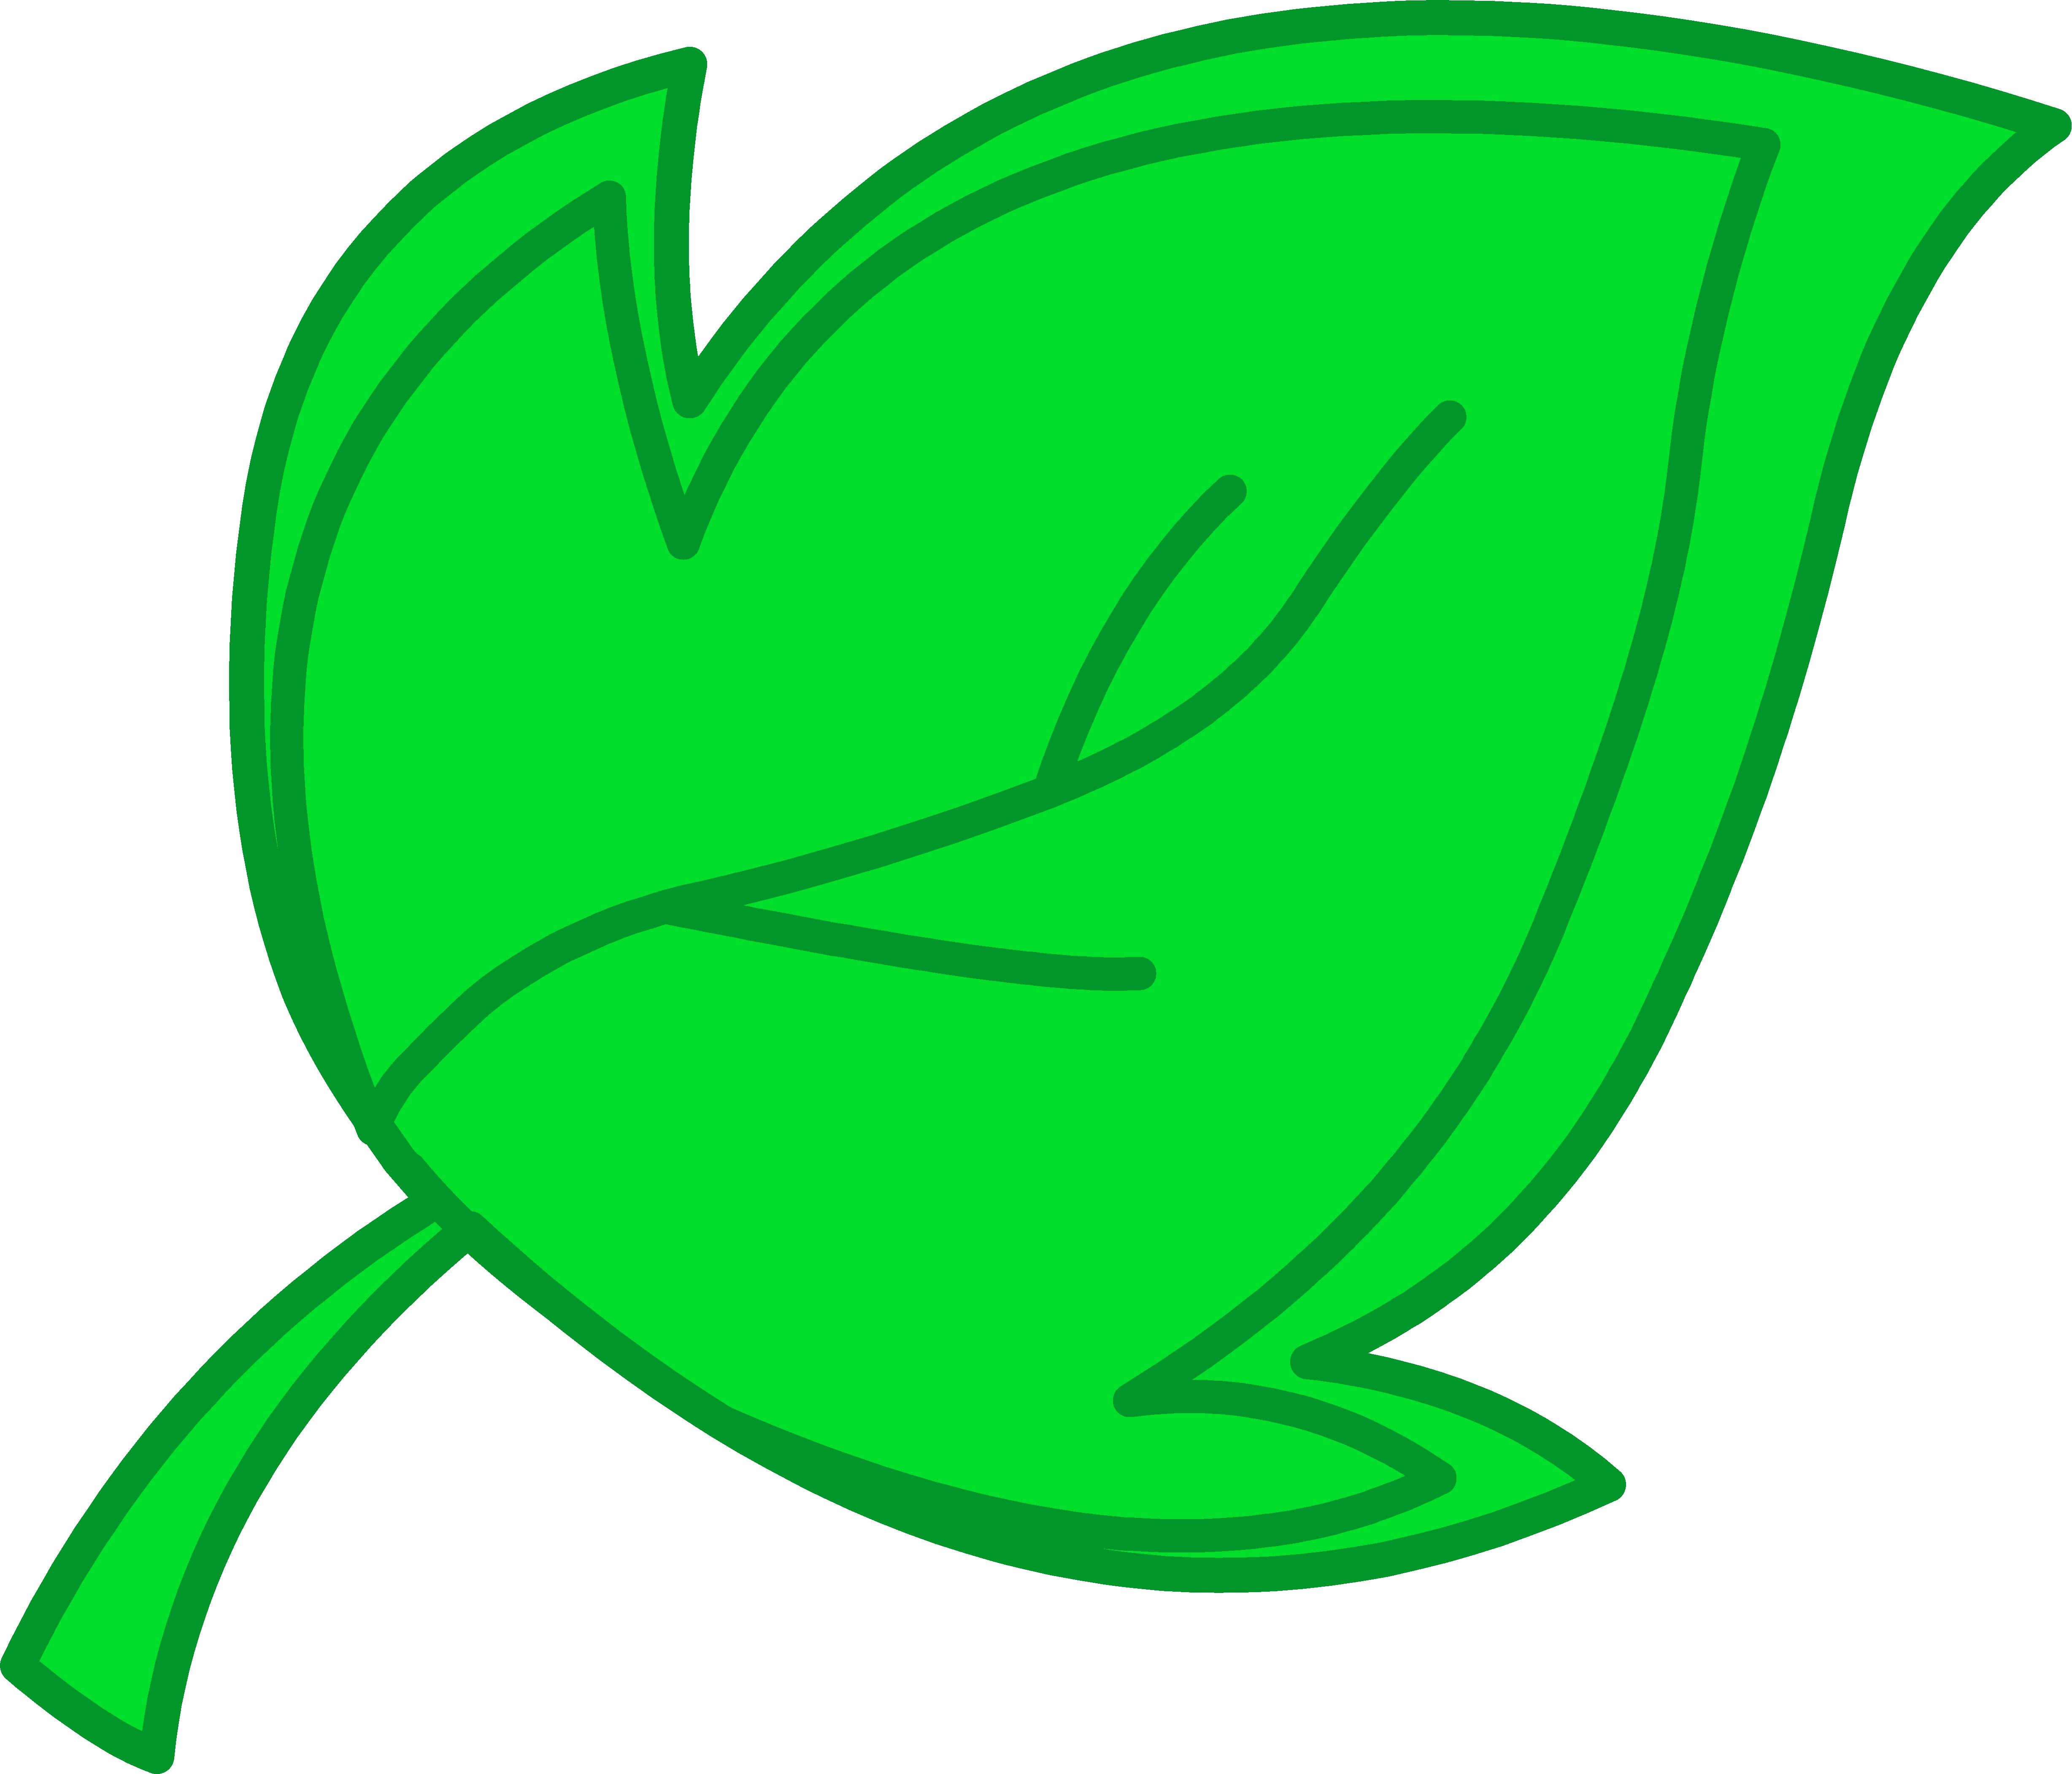 Leaf clipart, Leaf Transparent FREE for download on WebStockReview 2020